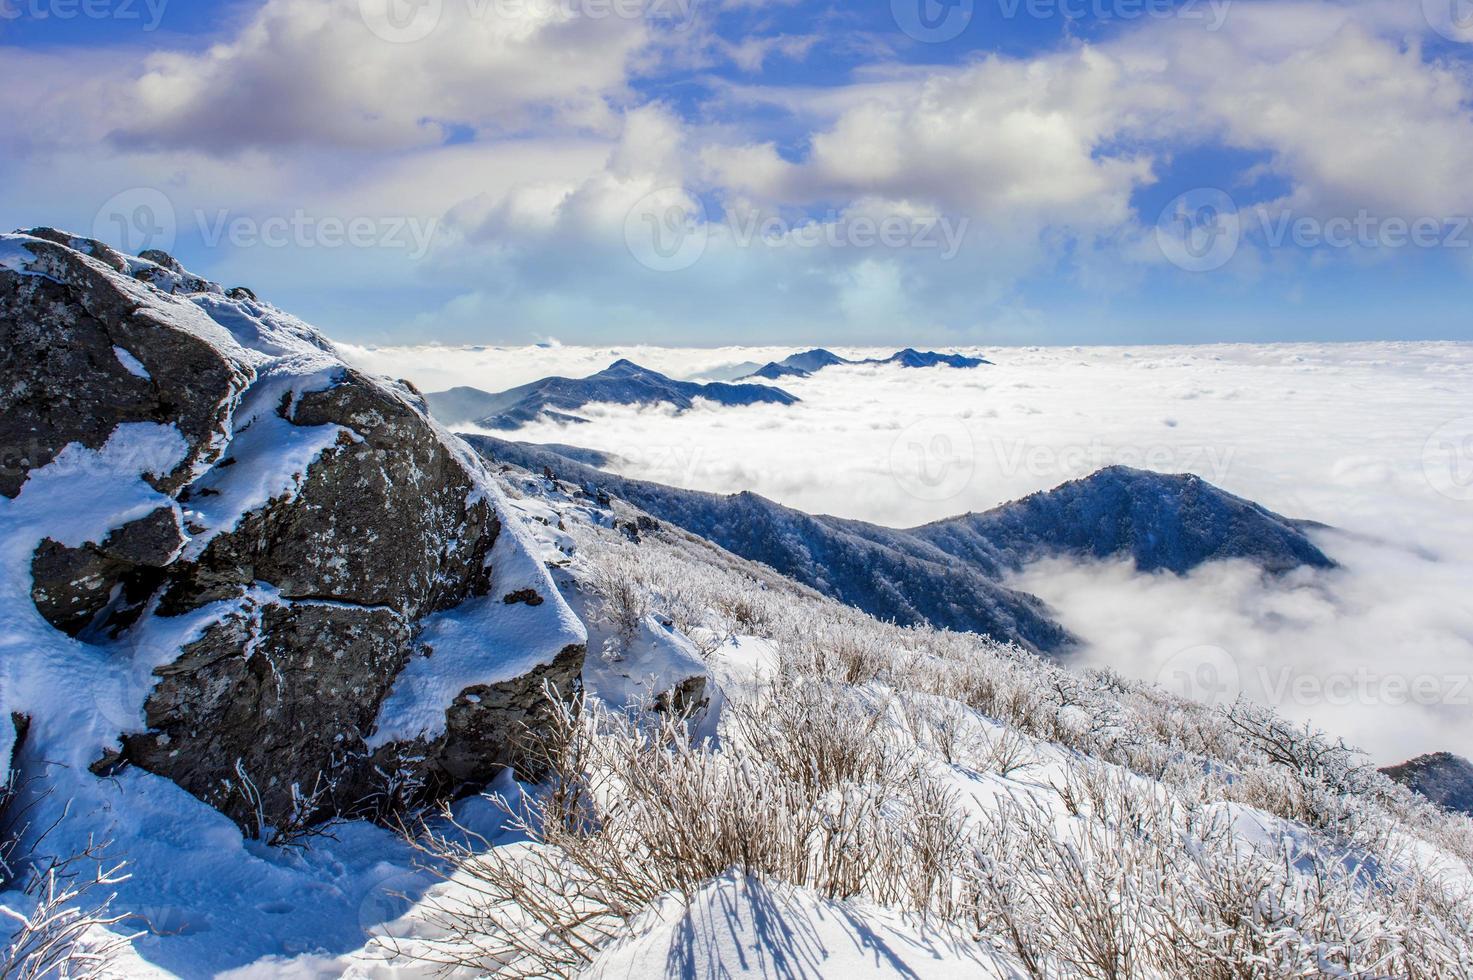 seoraksan bergen täcks av morgondimma på vintern, Korea. foto